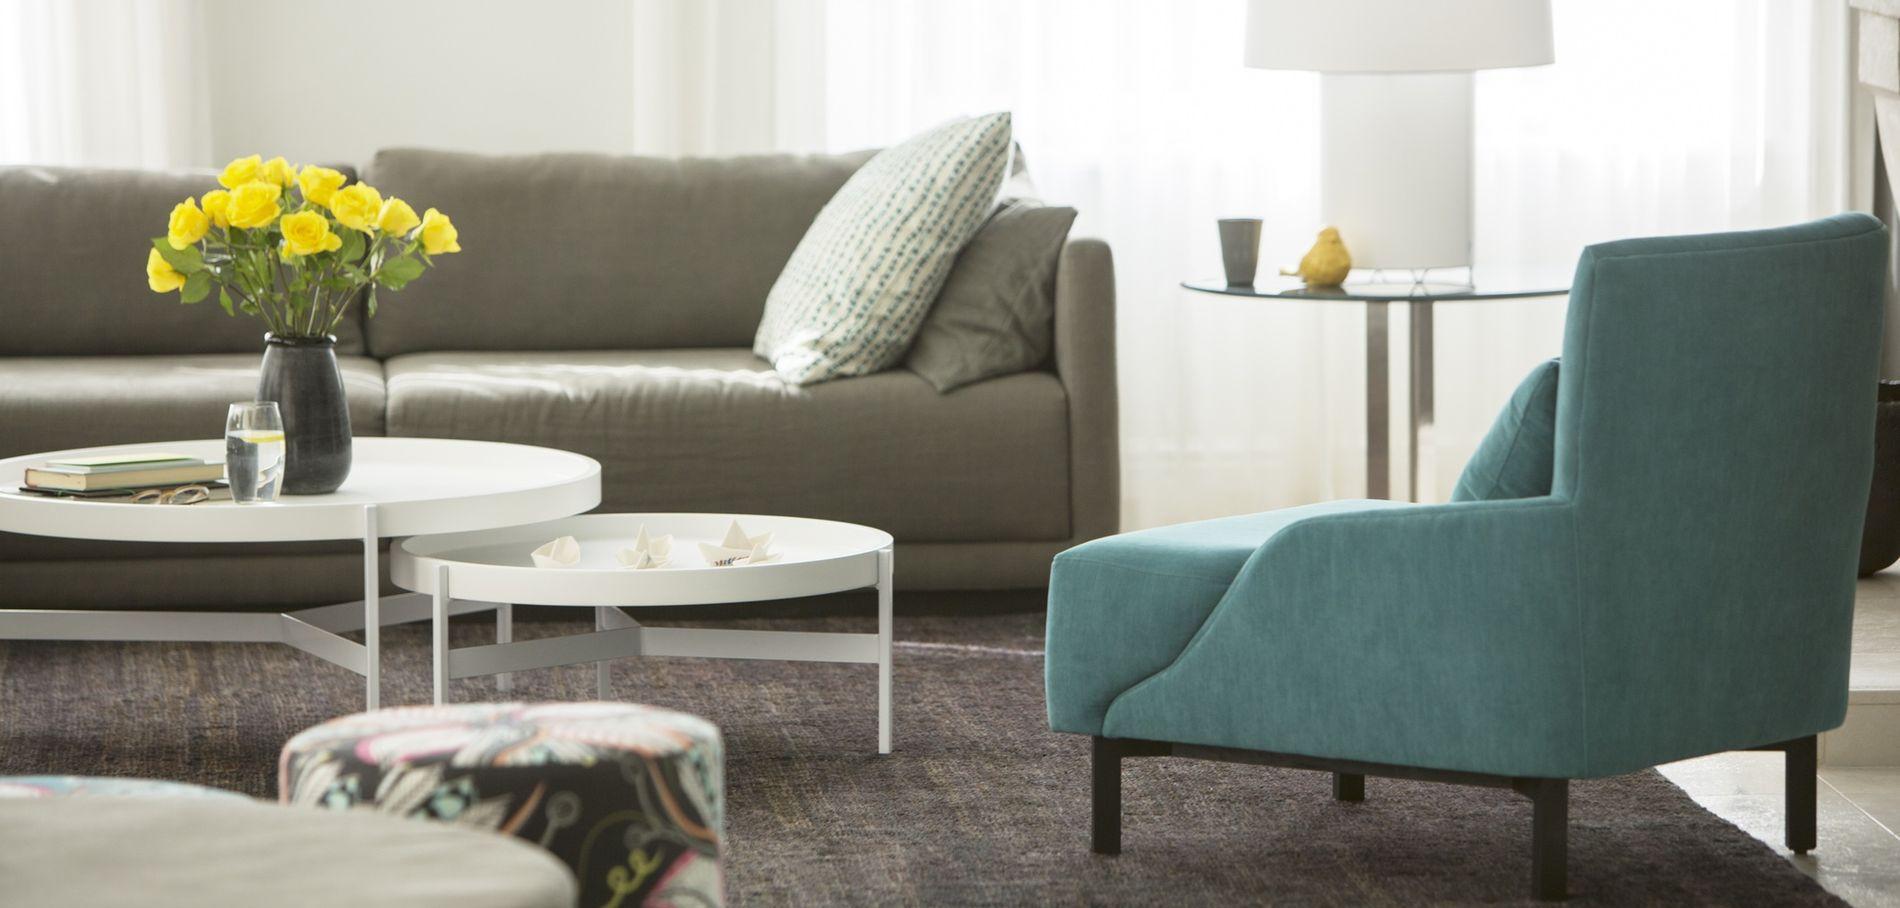 Comment bien choisir son mobilier broth design for Bien choisir son canape